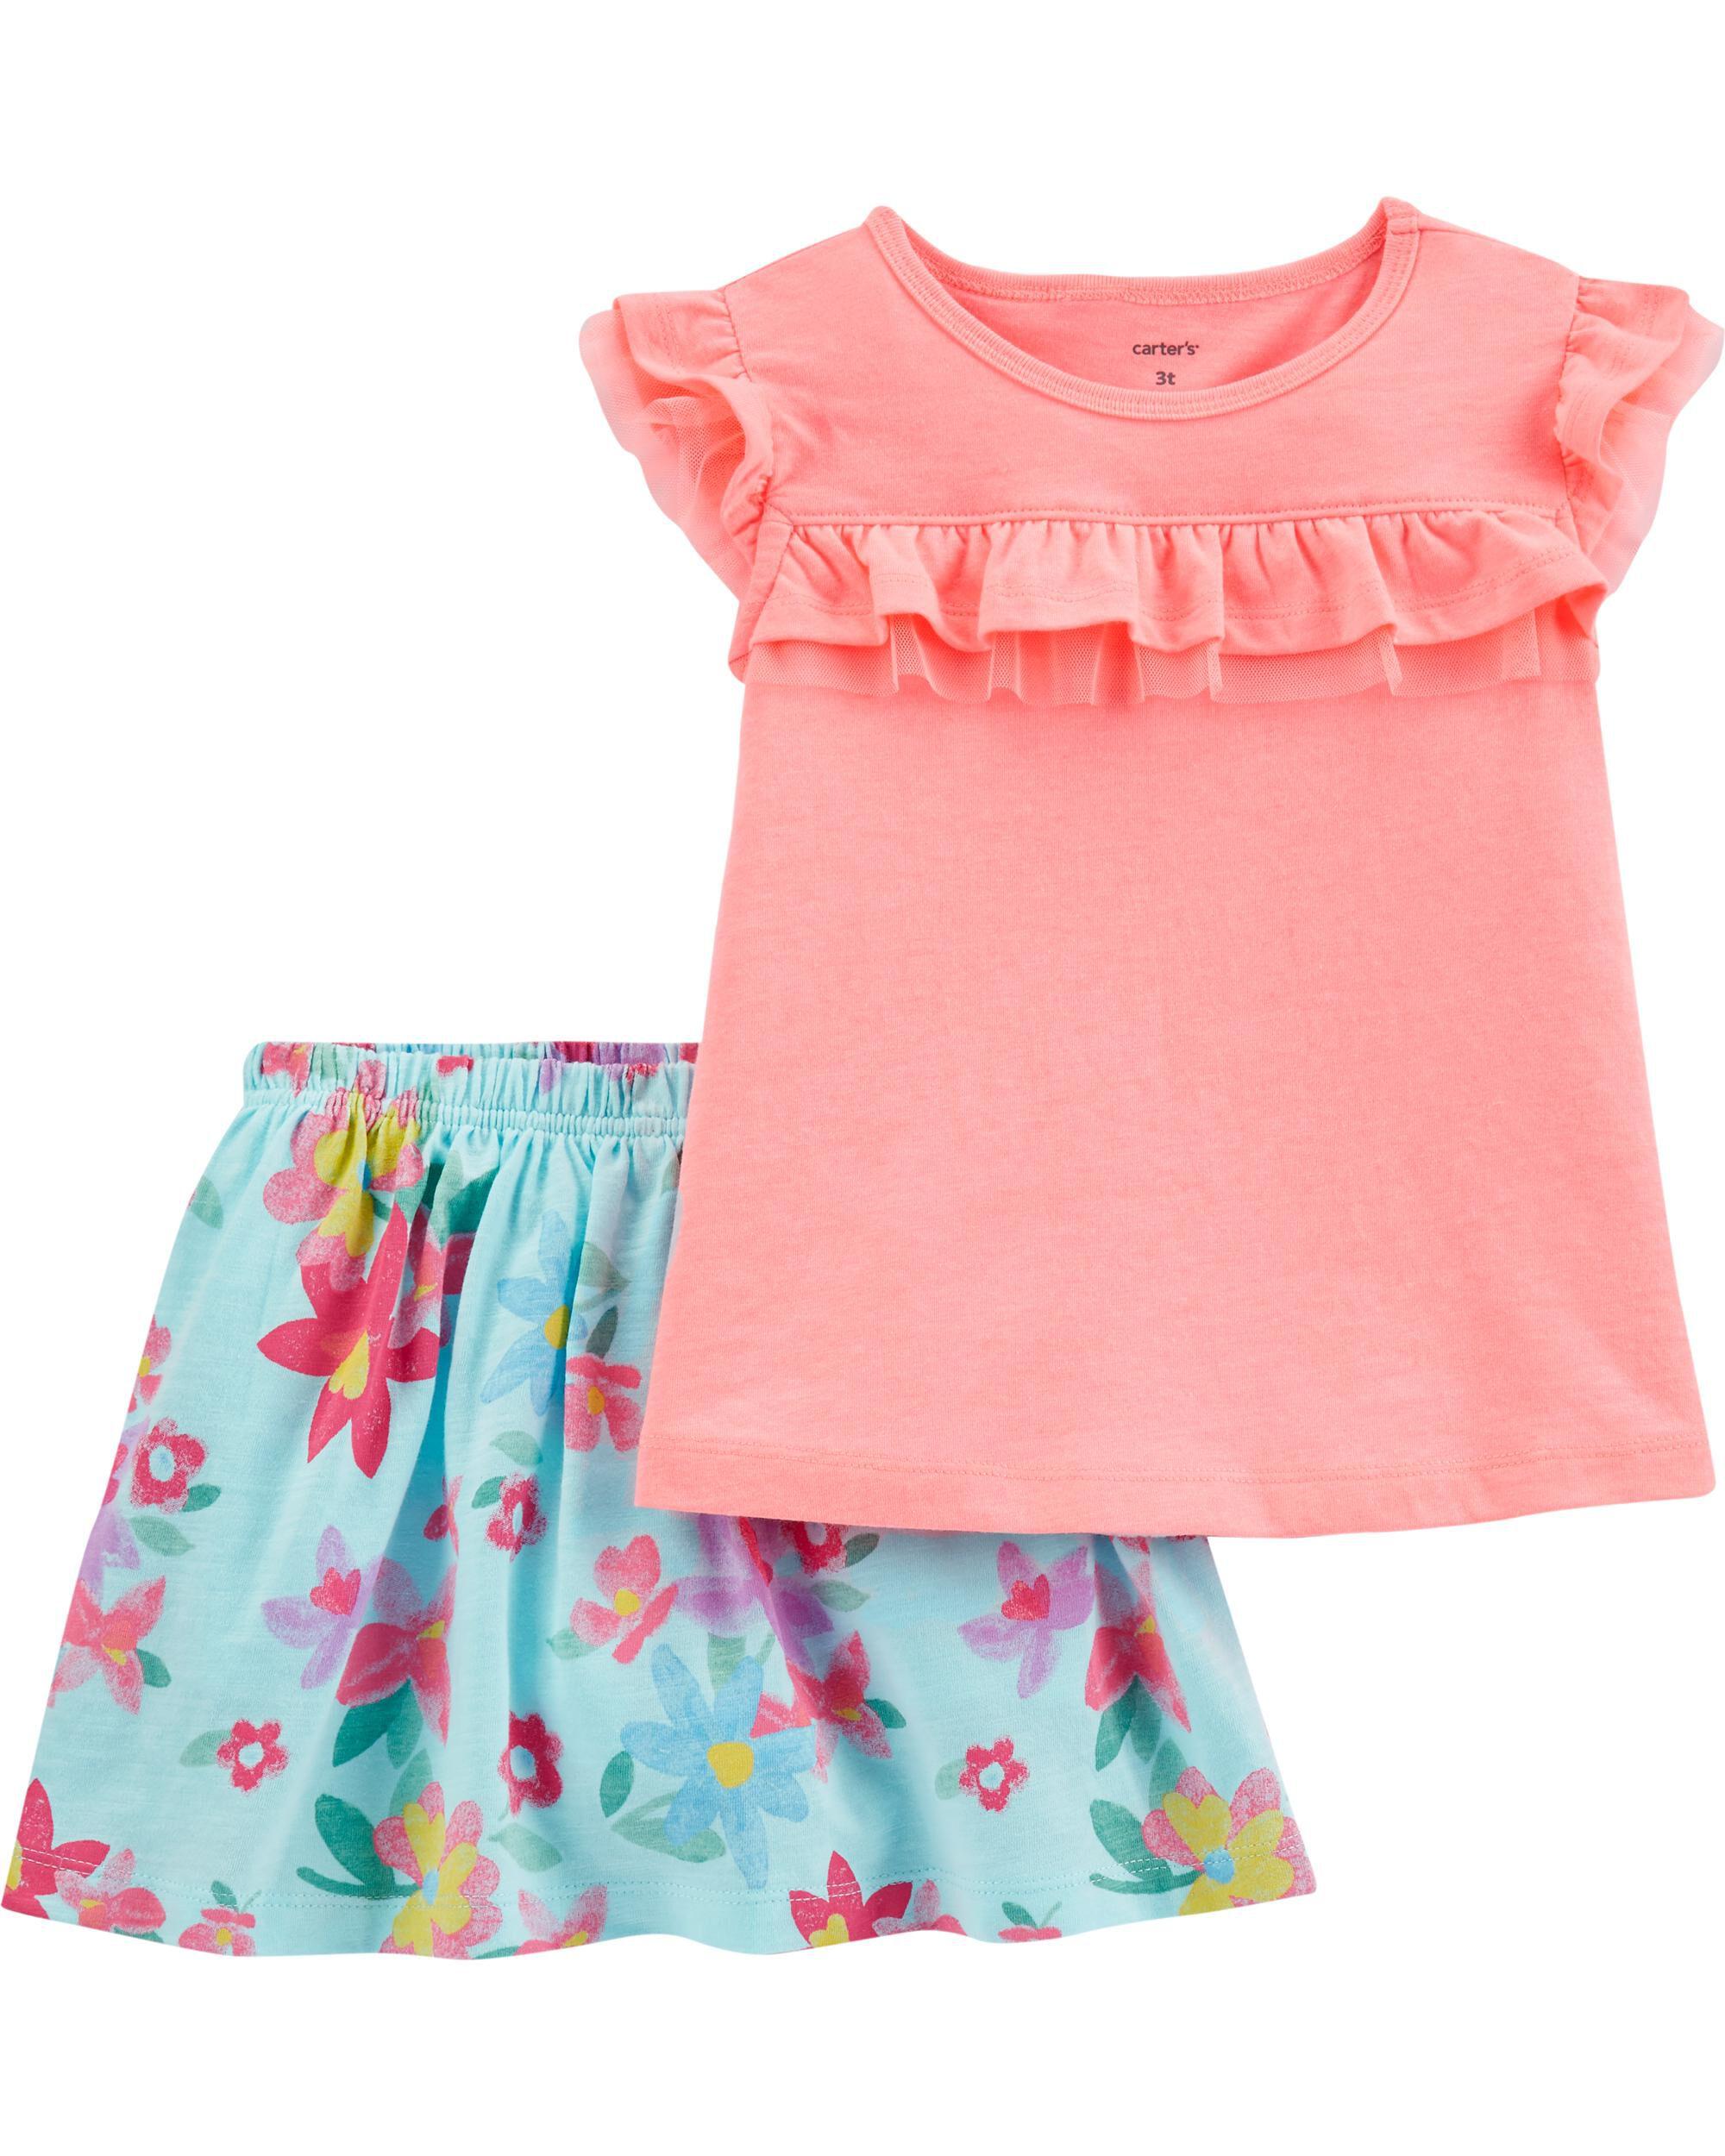 *CLEARANCE* 2-Piece Tulle-Trim Flutter Top & Floral Skort Set